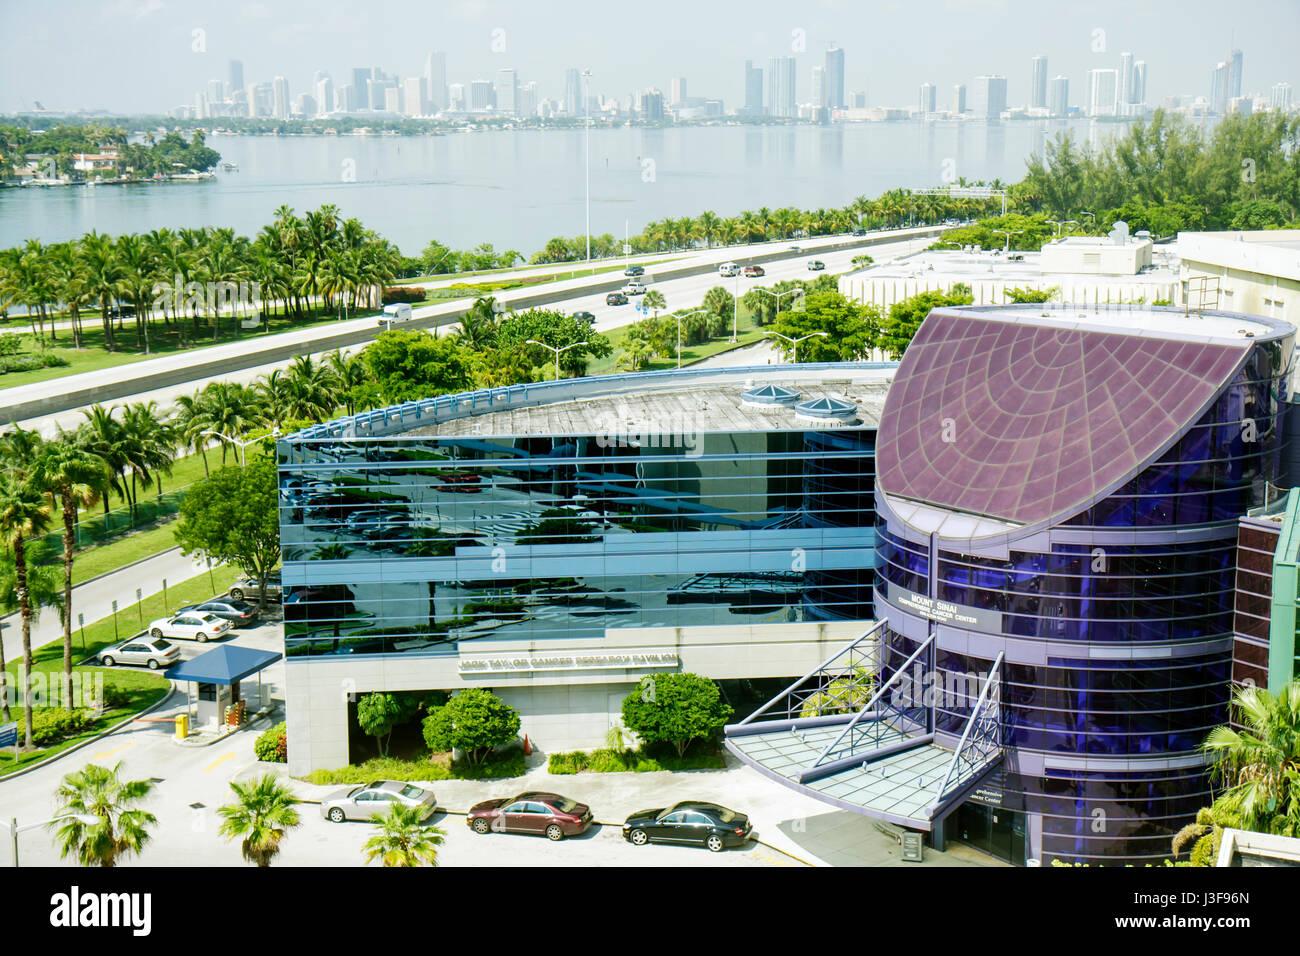 Mount Sinai Hospital Miami Beach